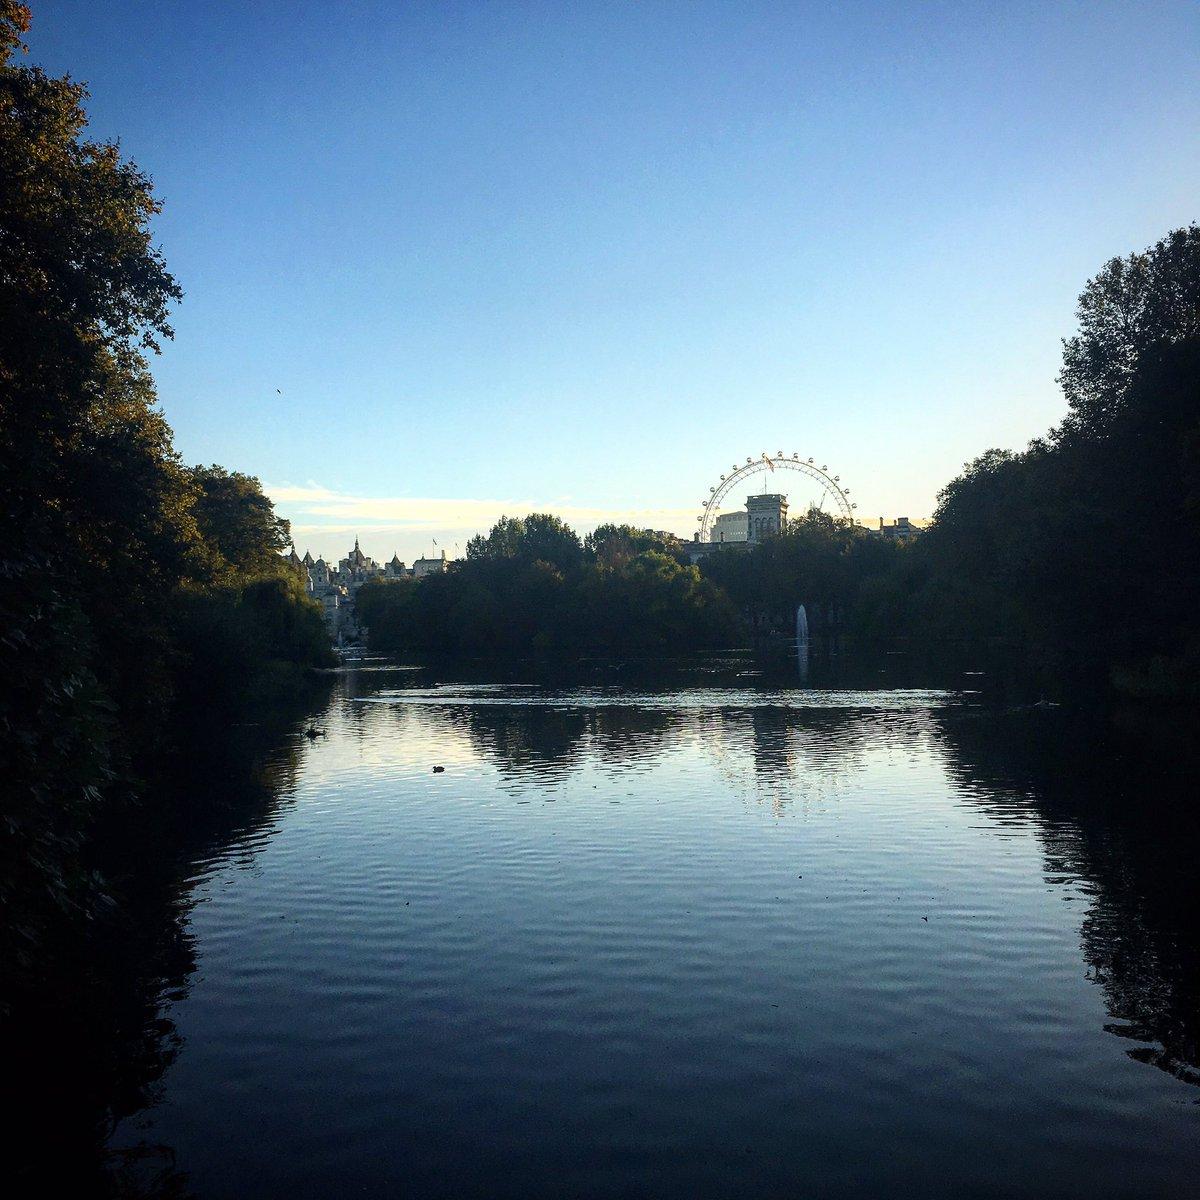 Lungs of London: St James's Park at early light https://t.co/9VASF0GCtt